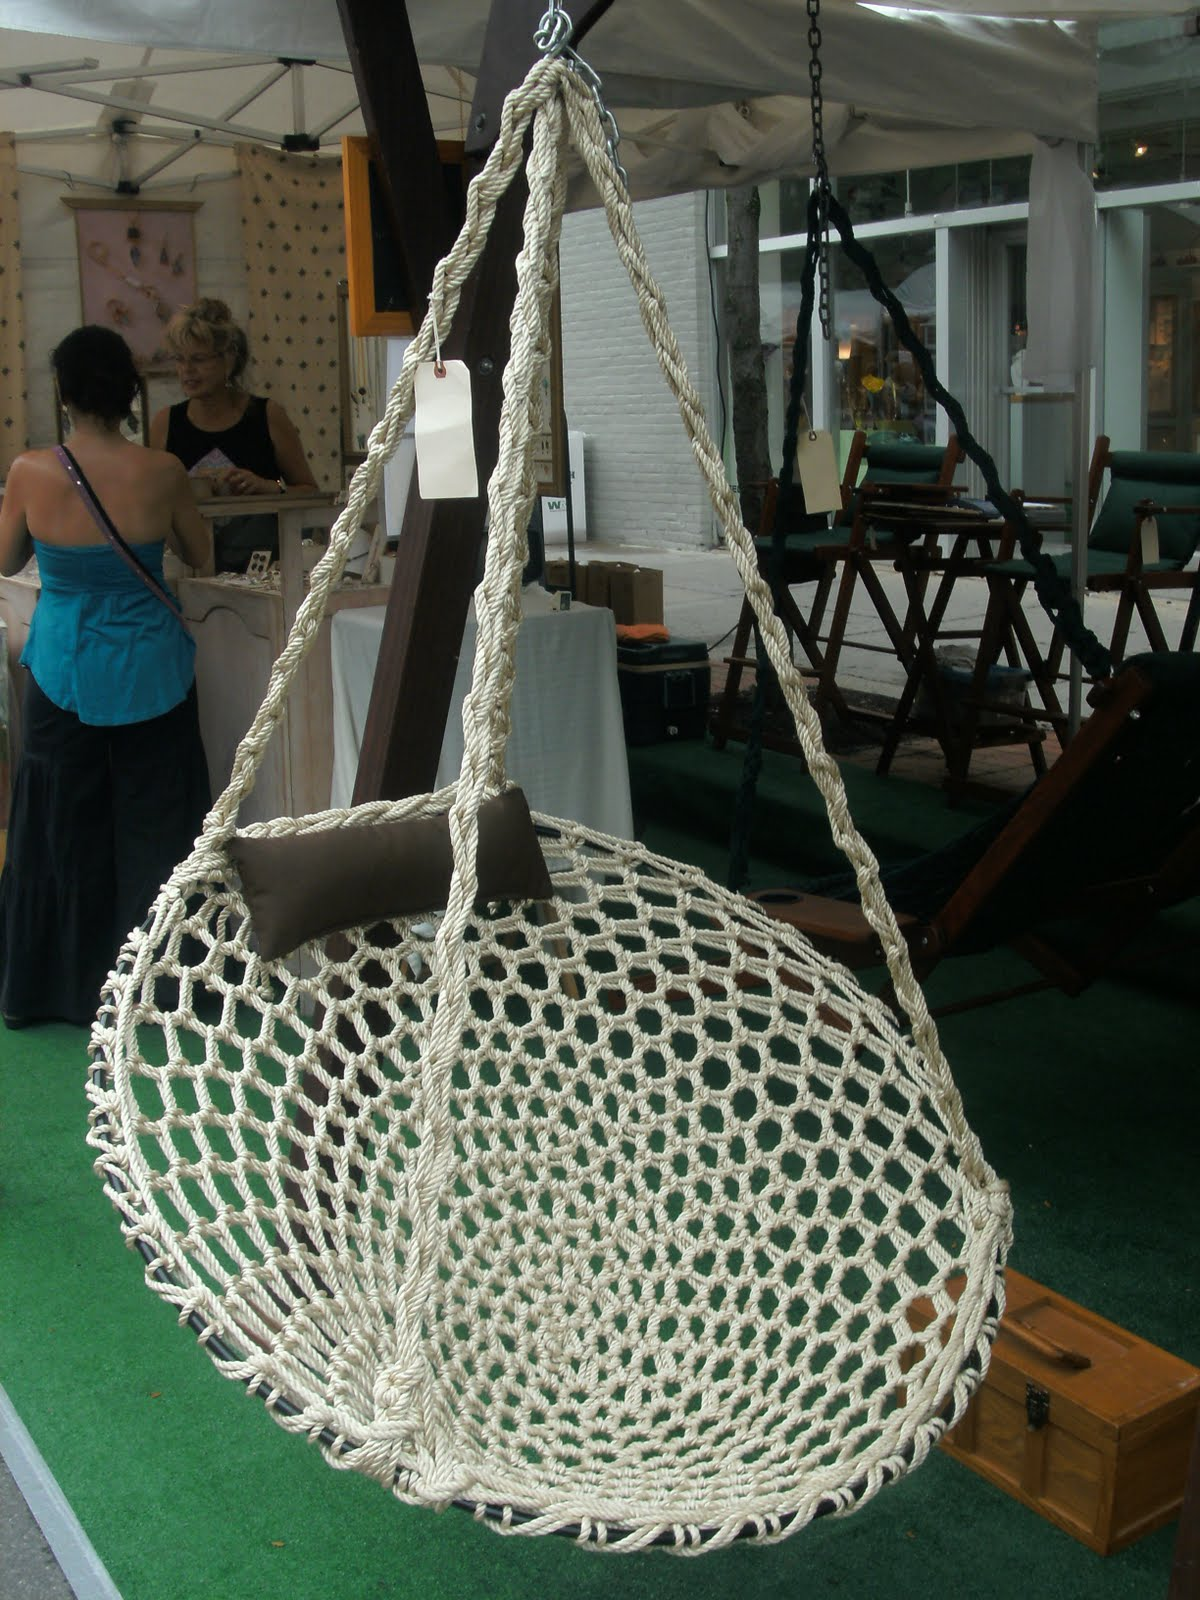 Hanging Papasan Chair - Viewing Gallery